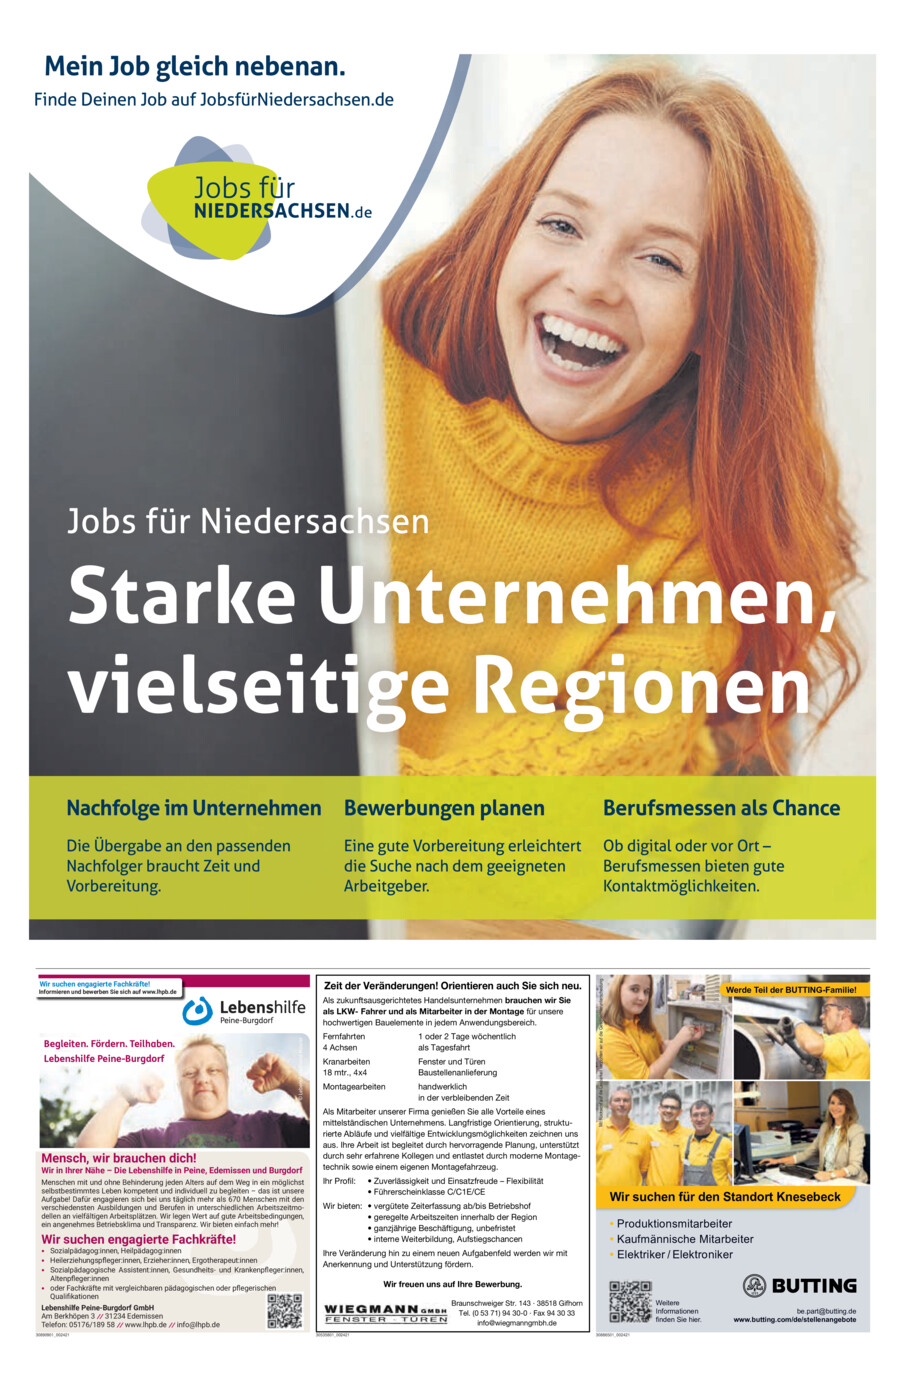 Jobs für Niedersachsen